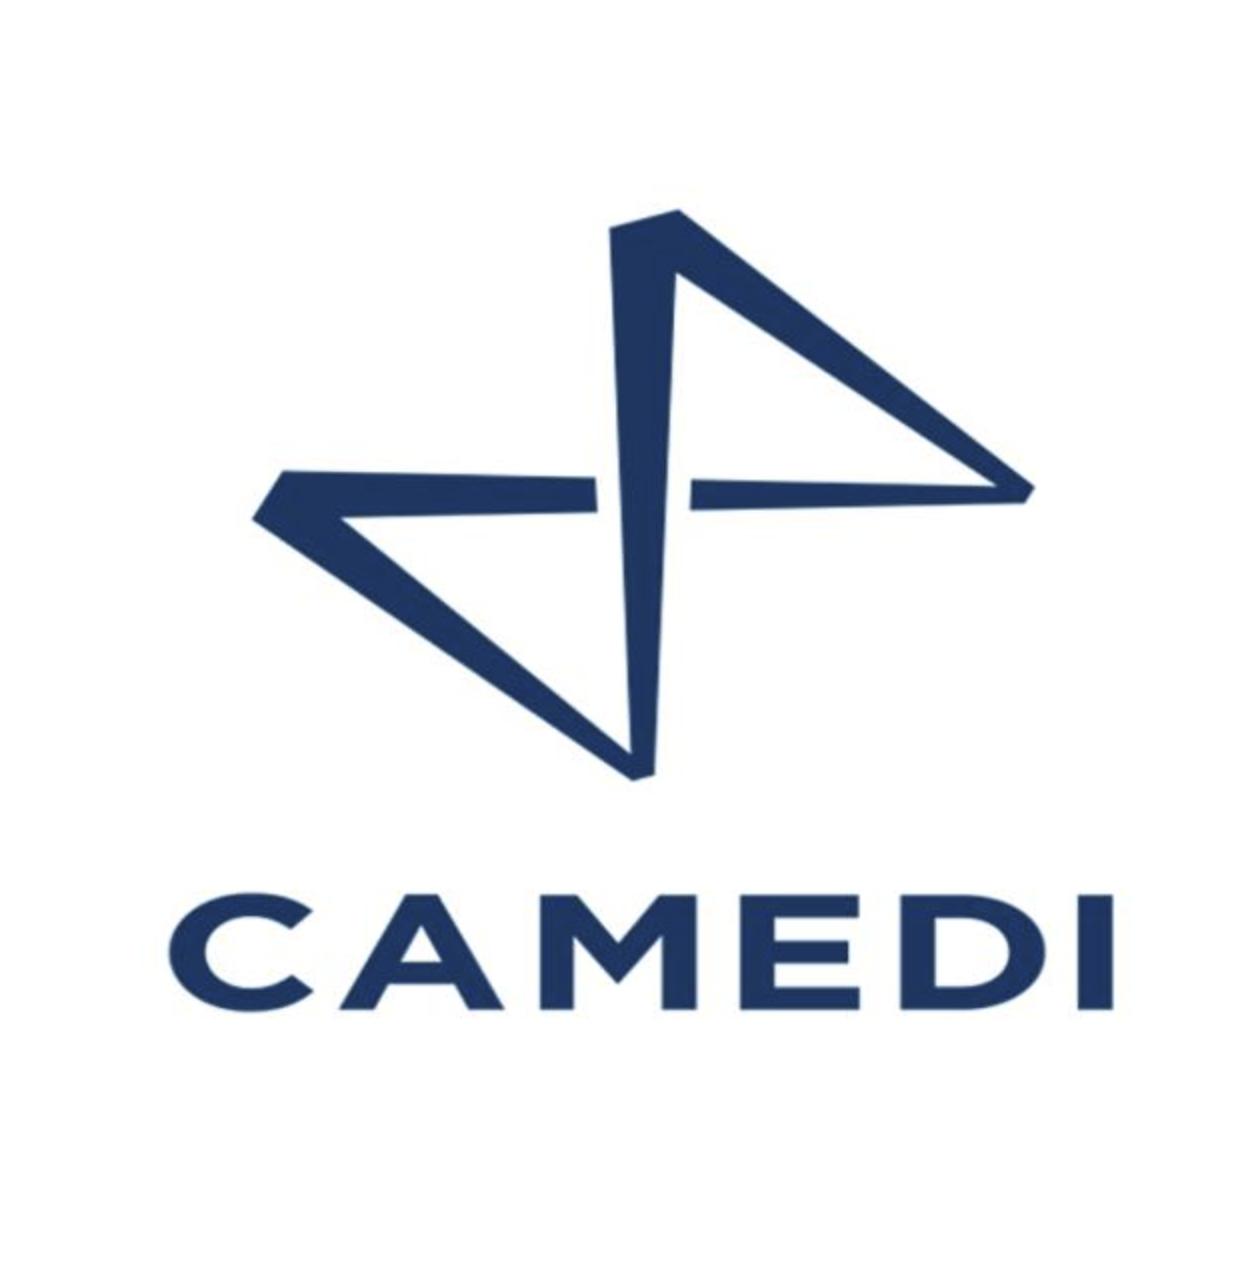 Centro Medico Camedi